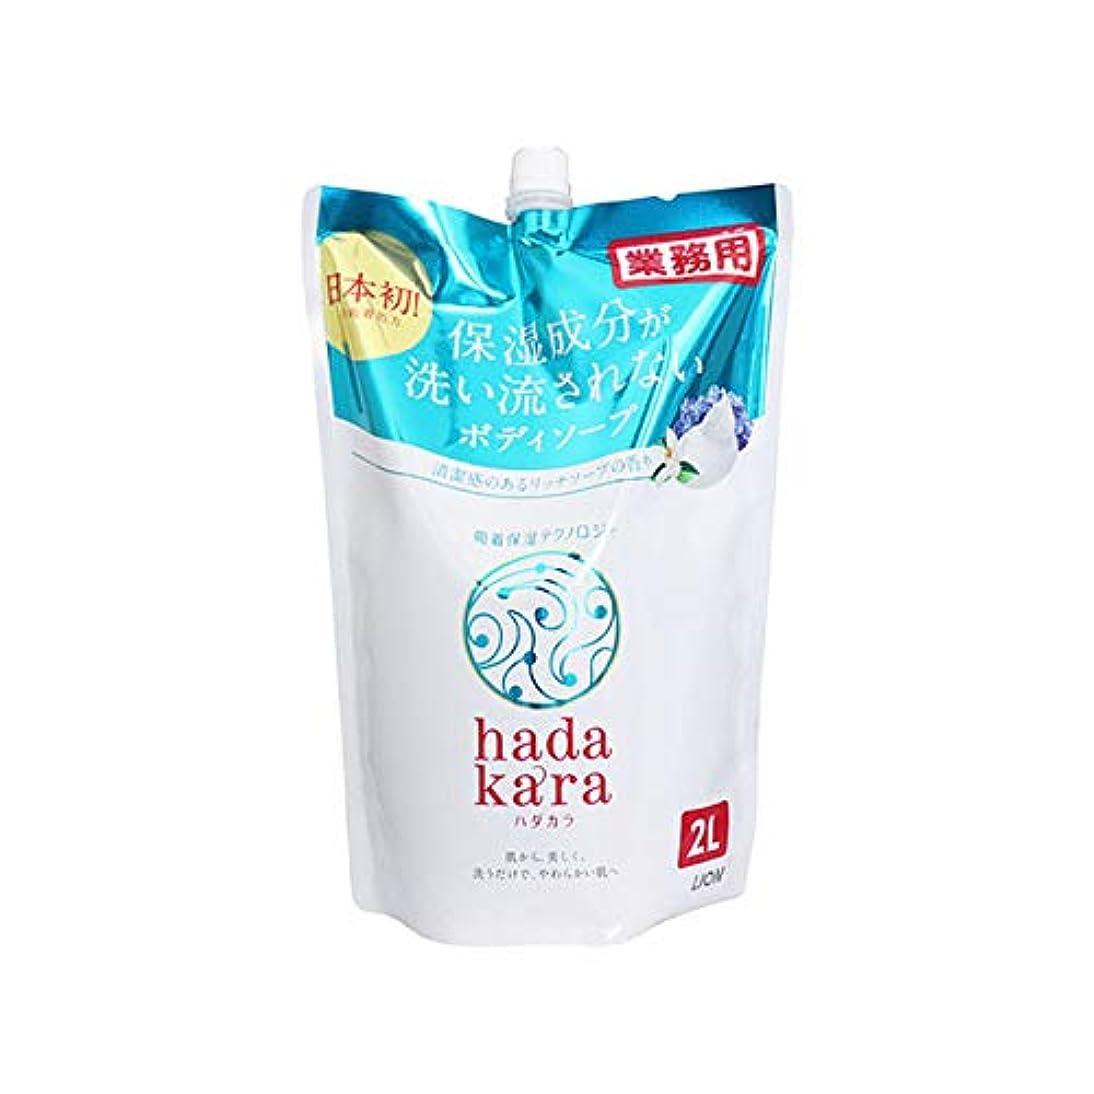 こどもの日データム精査業務用 ボディーソープ ハダカラ hadakara ボディソープ リッチソープの香り 2L ライオン